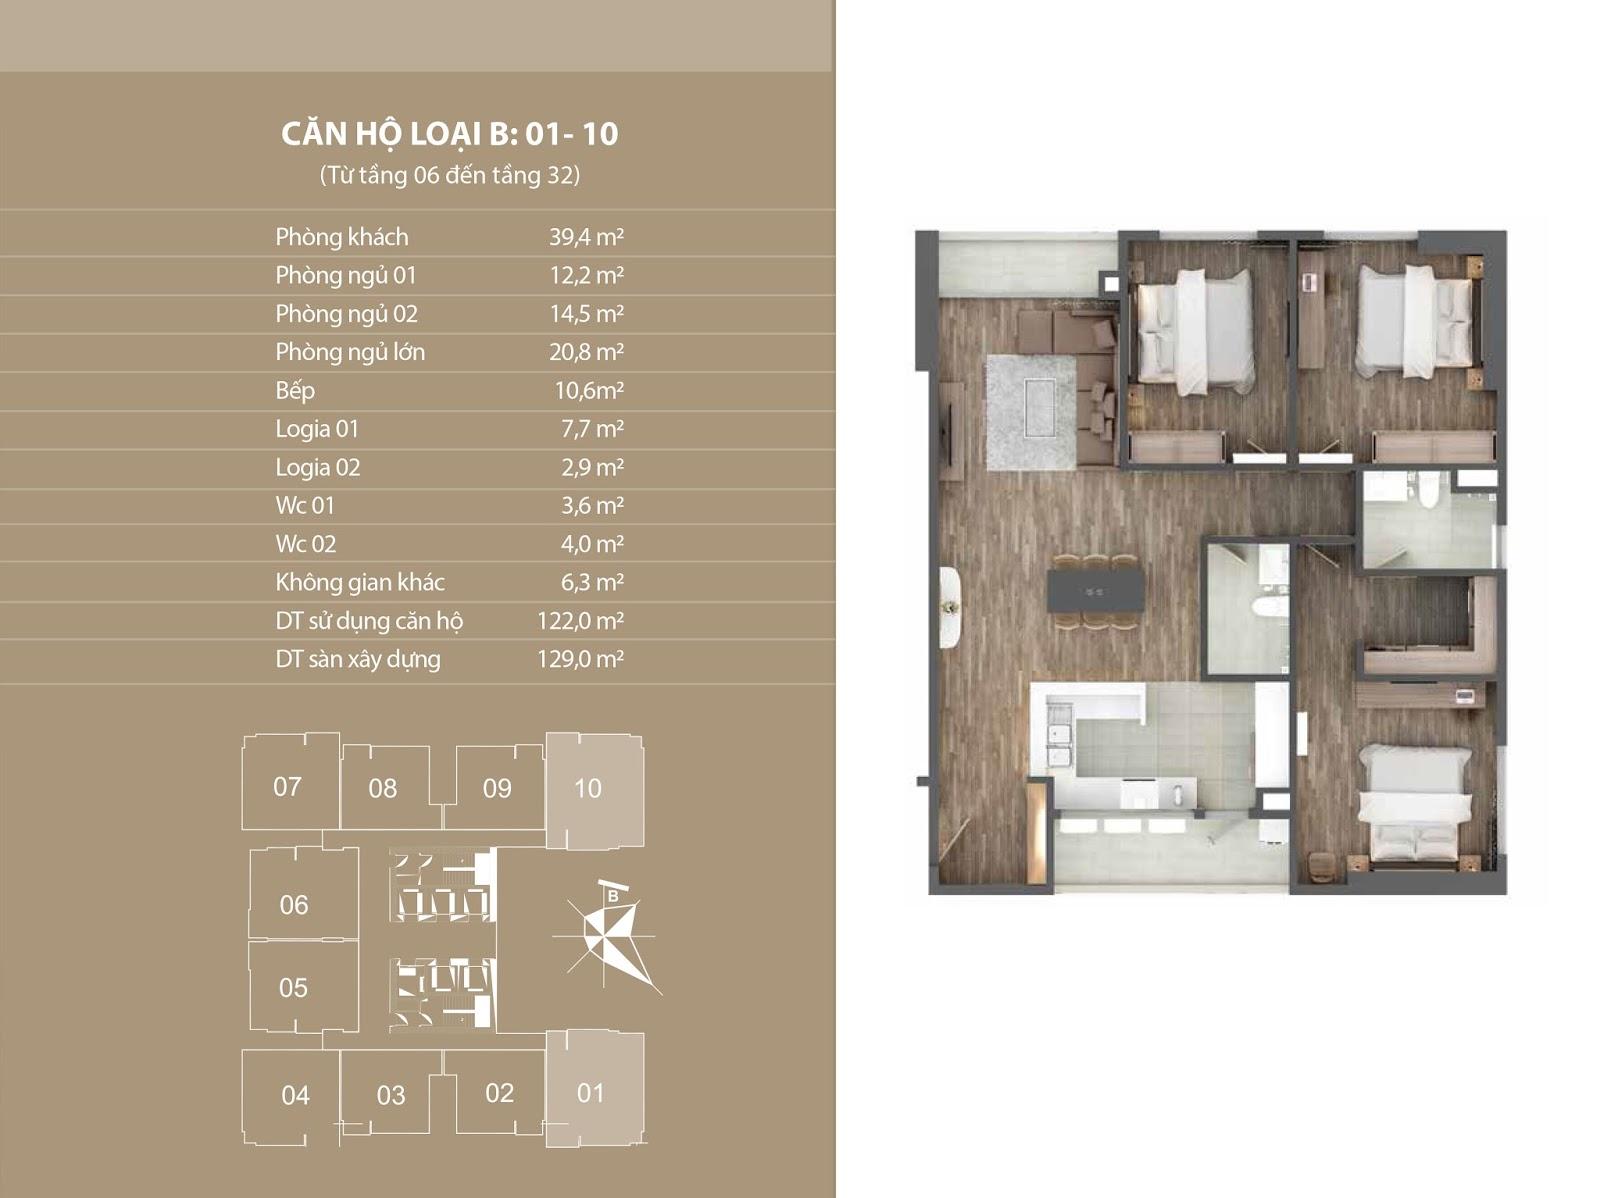 Thiết kế căn 01 và 10 - Chung cư Phú Mỹ Complex sang trọng và hiện đại